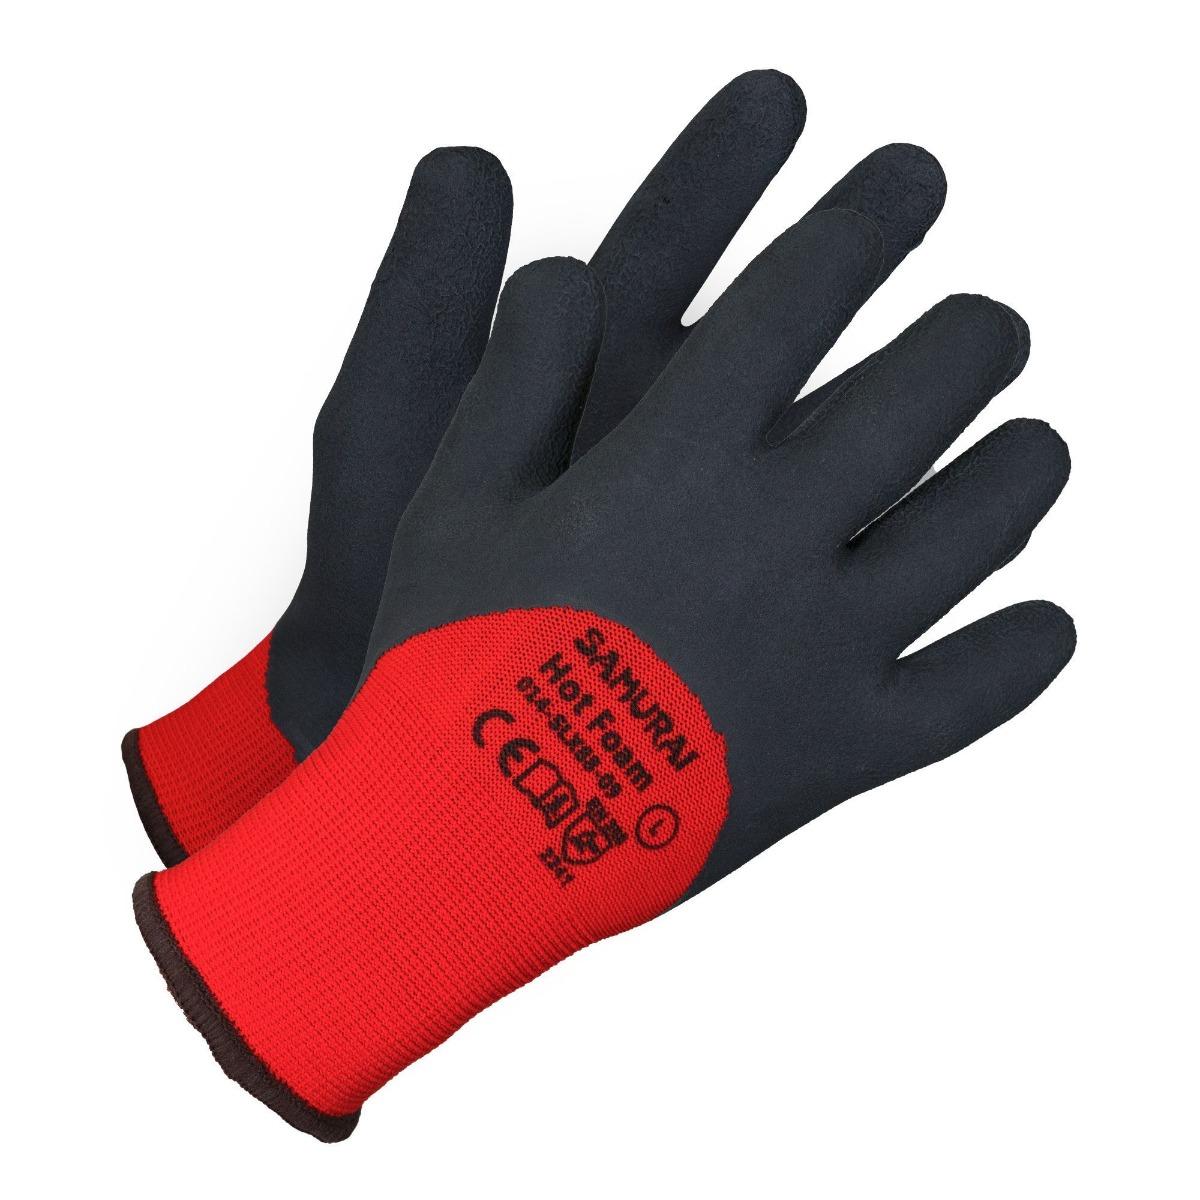 Samurai Hot Foam Insulated Work Gloves